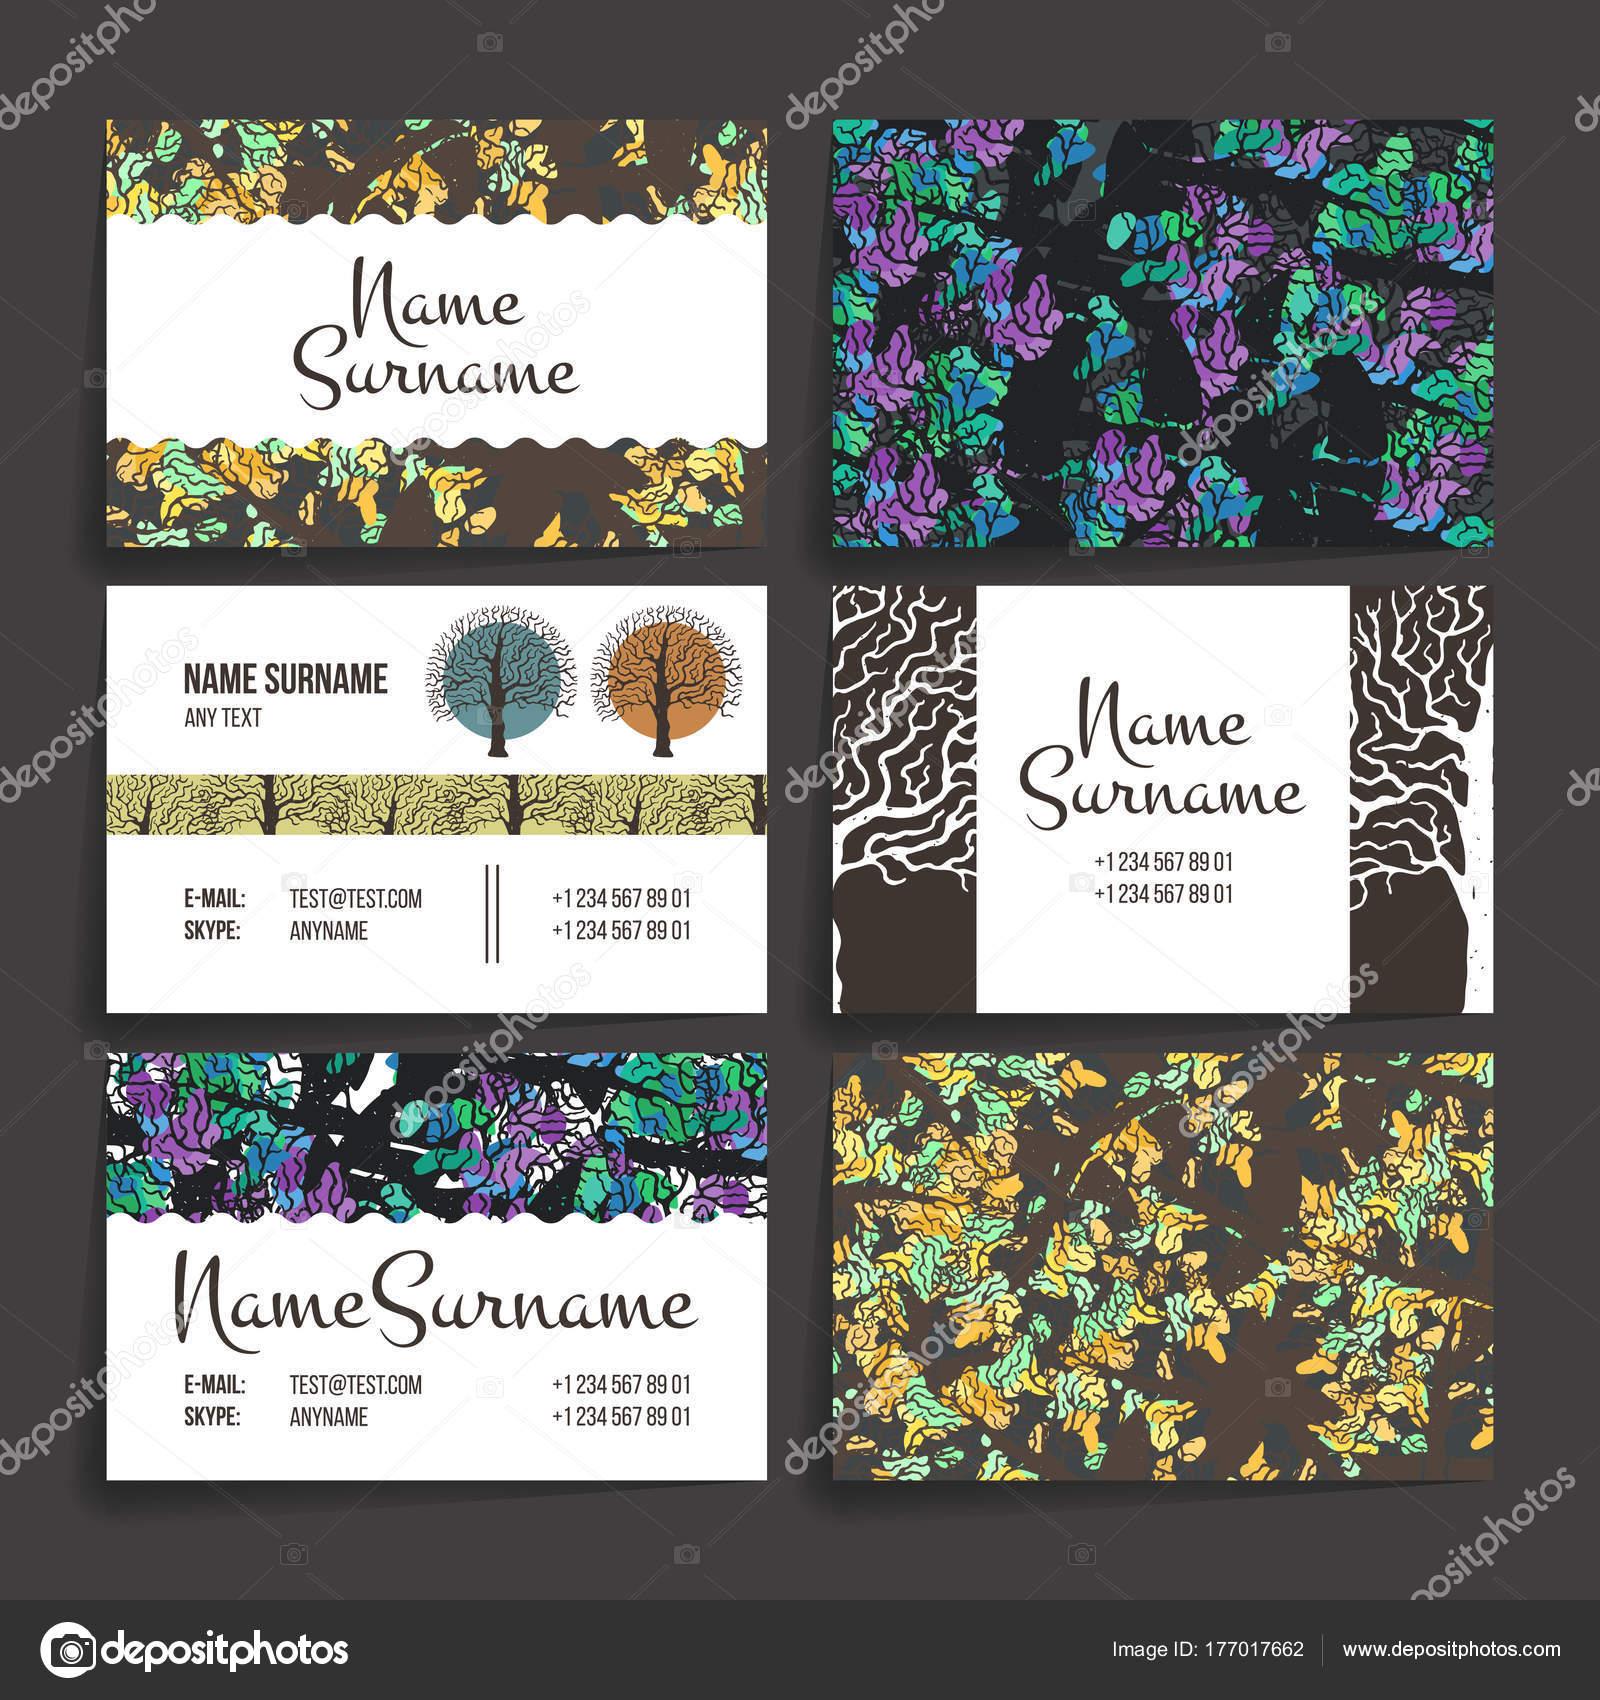 Brochures En Style Colore Au Hasard Vintage Frames Et Arriere Plans Carte De Visite Avec Arbre A Main Dessiner Hipster Vecteur